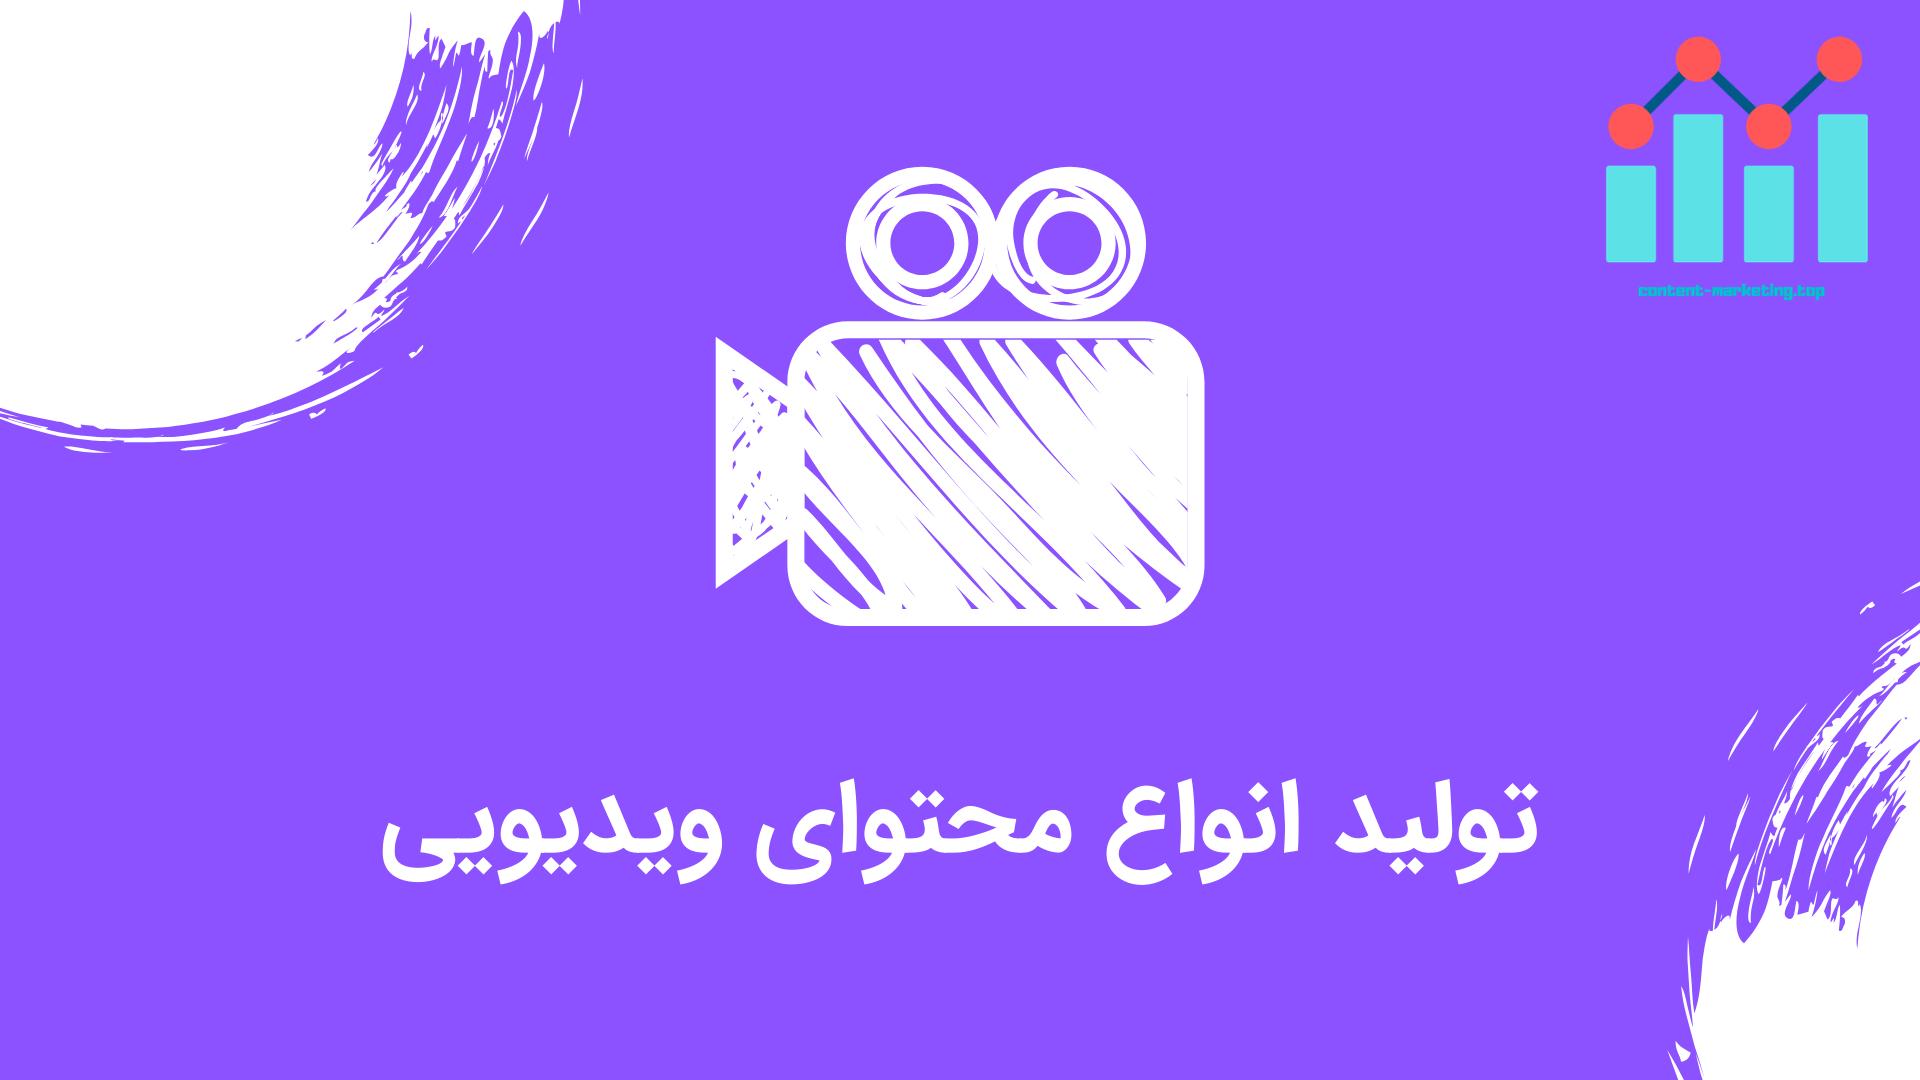 تولید انواع محتوای ویدیویی :